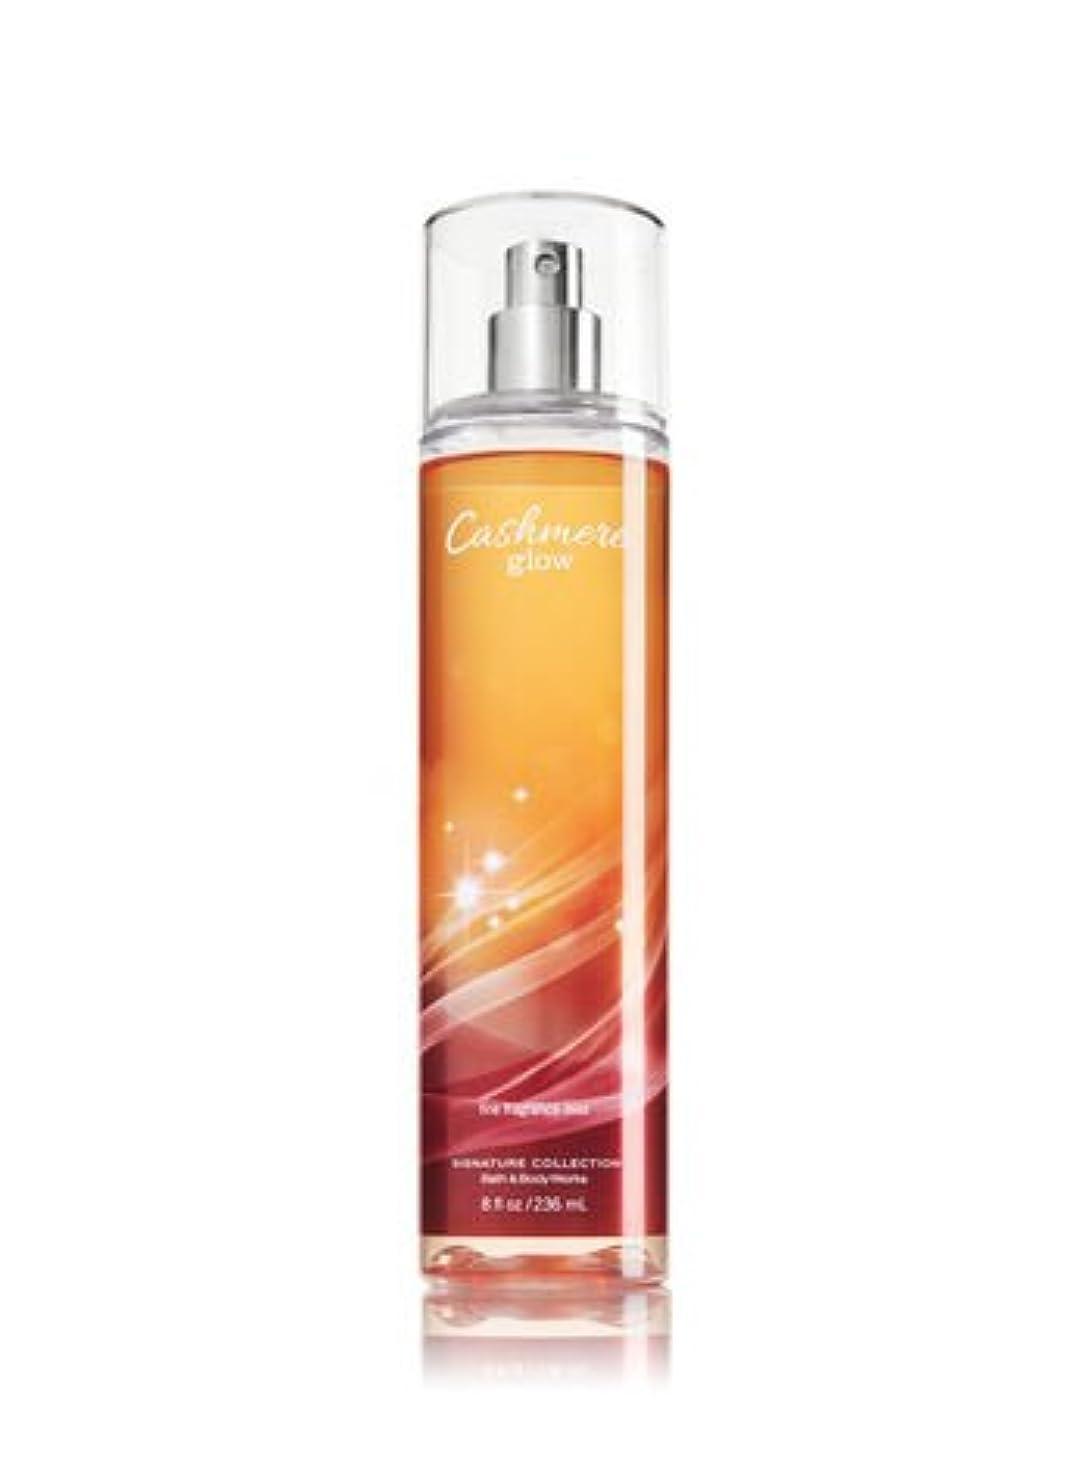 開いたコンチネンタル過去【Bath&Body Works/バス&ボディワークス】 ファインフレグランスミスト カシミアグロー Fine Fragrance Mist Cashmere Glow 8oz (236ml) [並行輸入品]